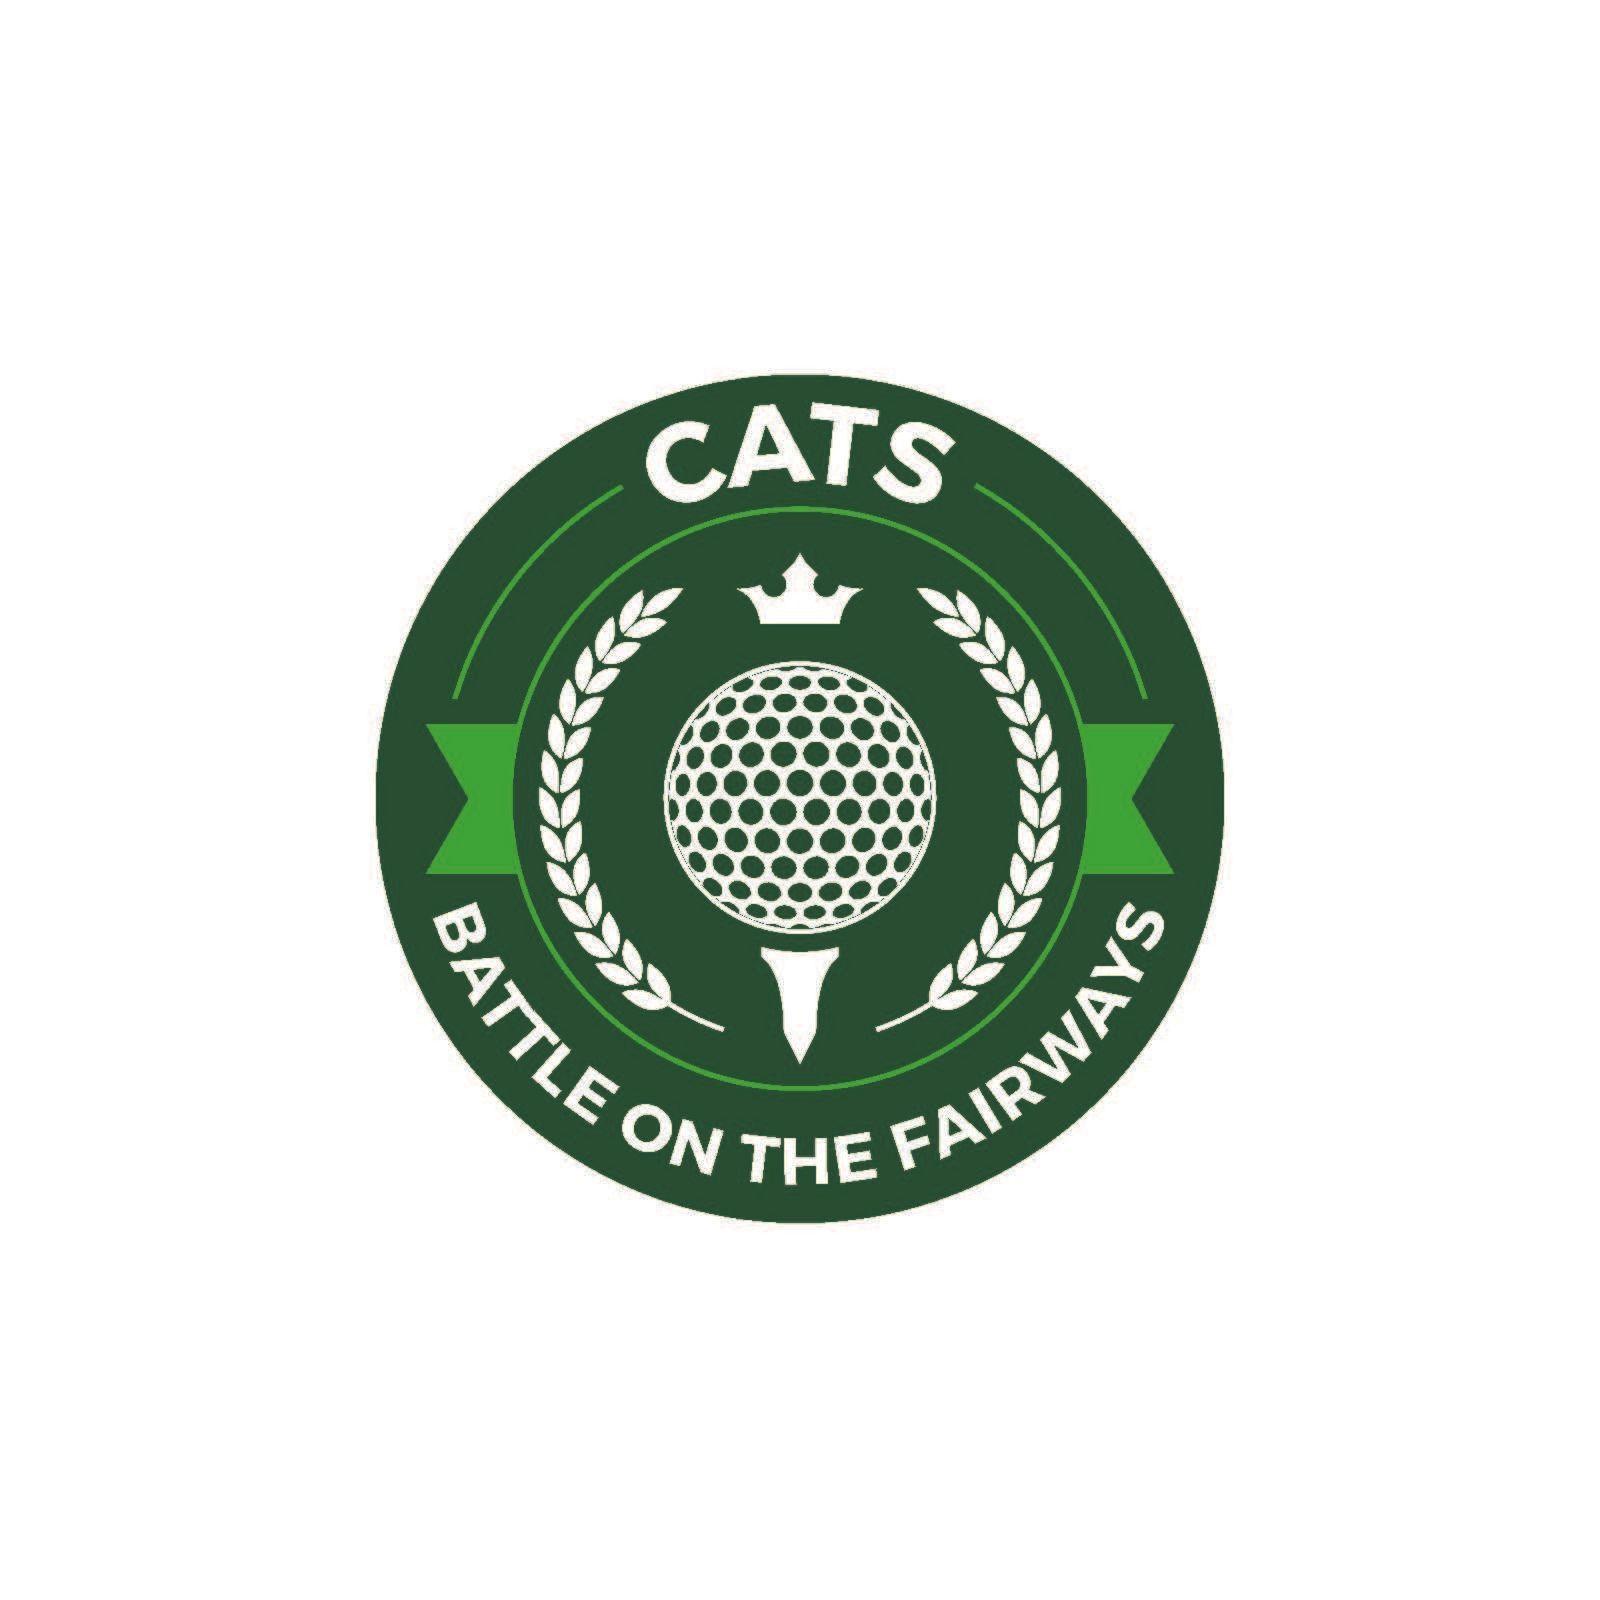 CATS' Battle on the Fairways